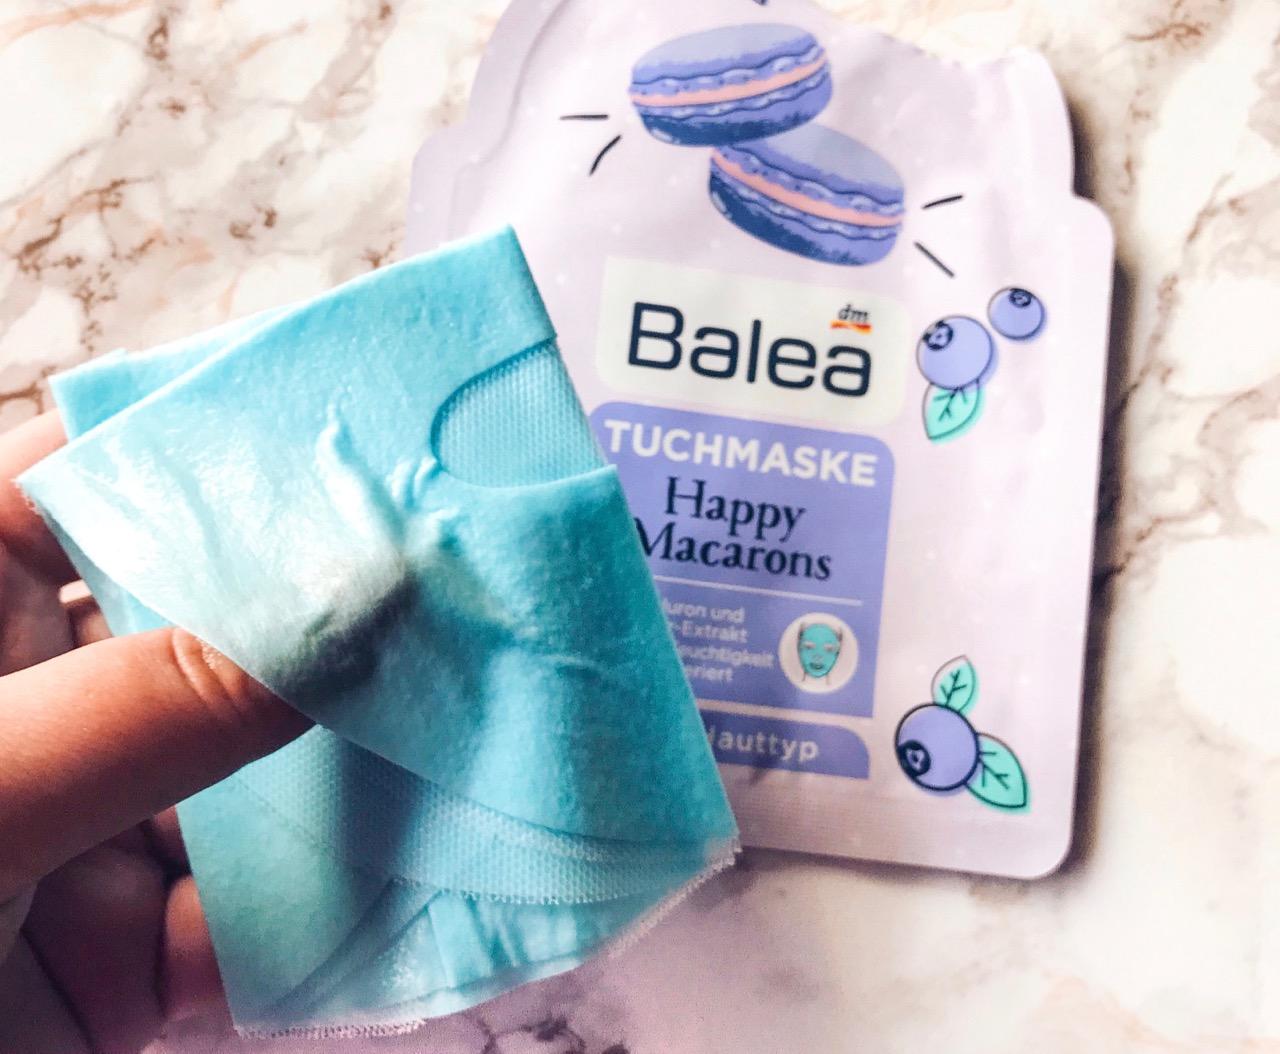 Balea Tuchmasken Happy Macarons ausprobiert